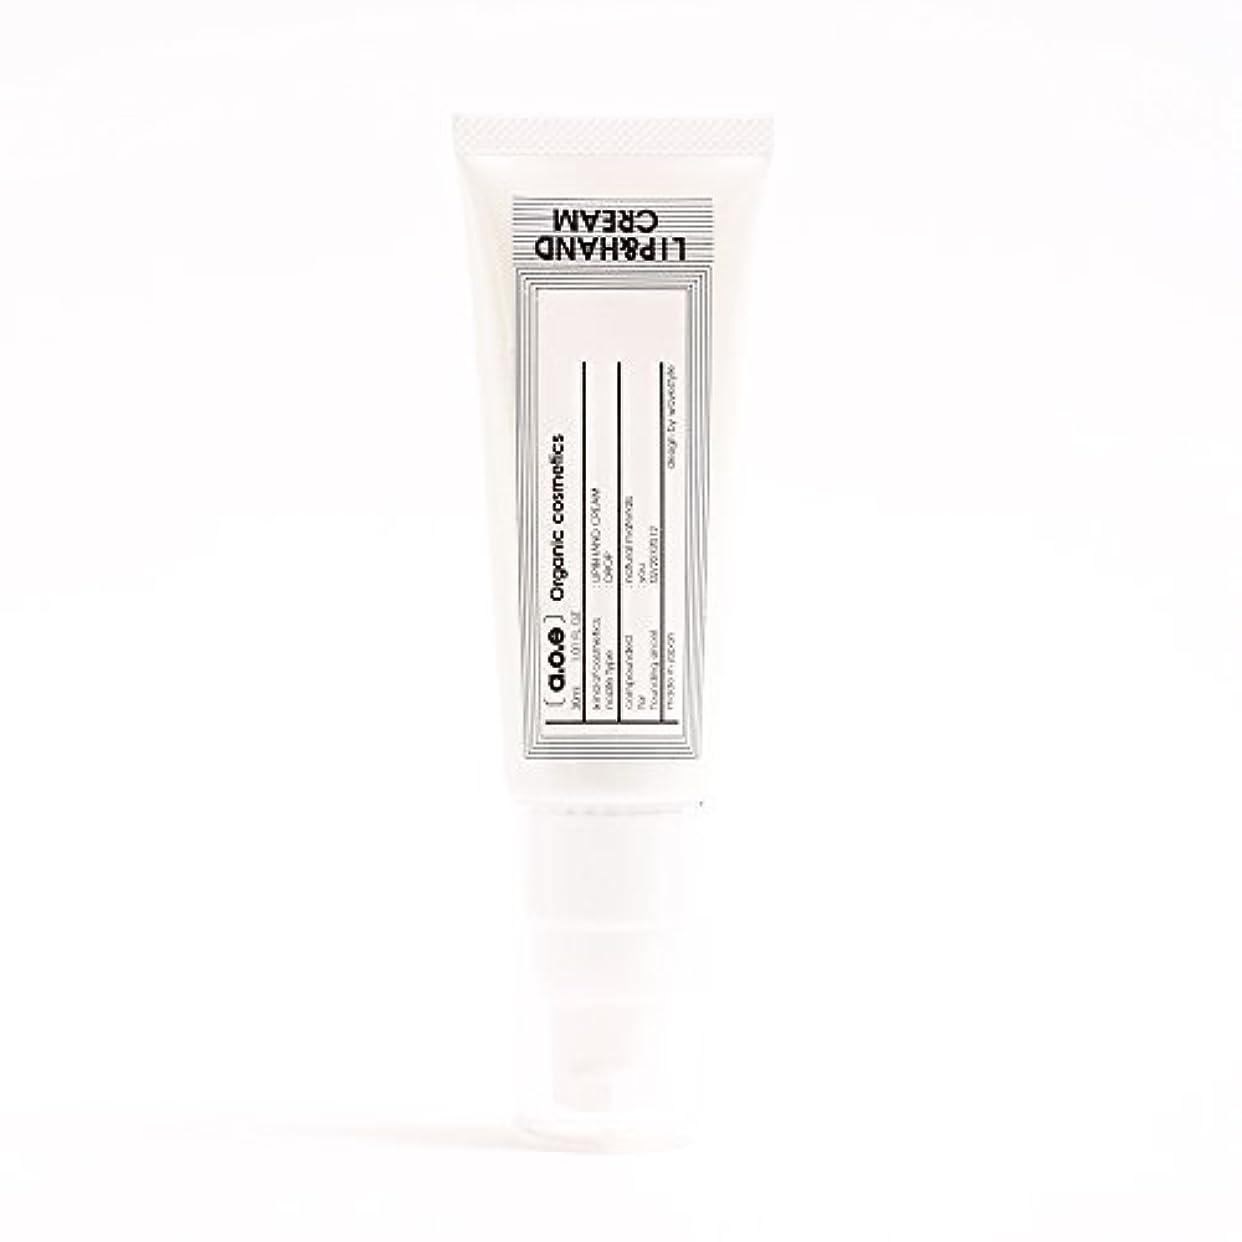 社会プラグ医師aoe 【無添加オーガニック】UVカット オイルリップ&ハンドクリーム/乾燥性敏感肌